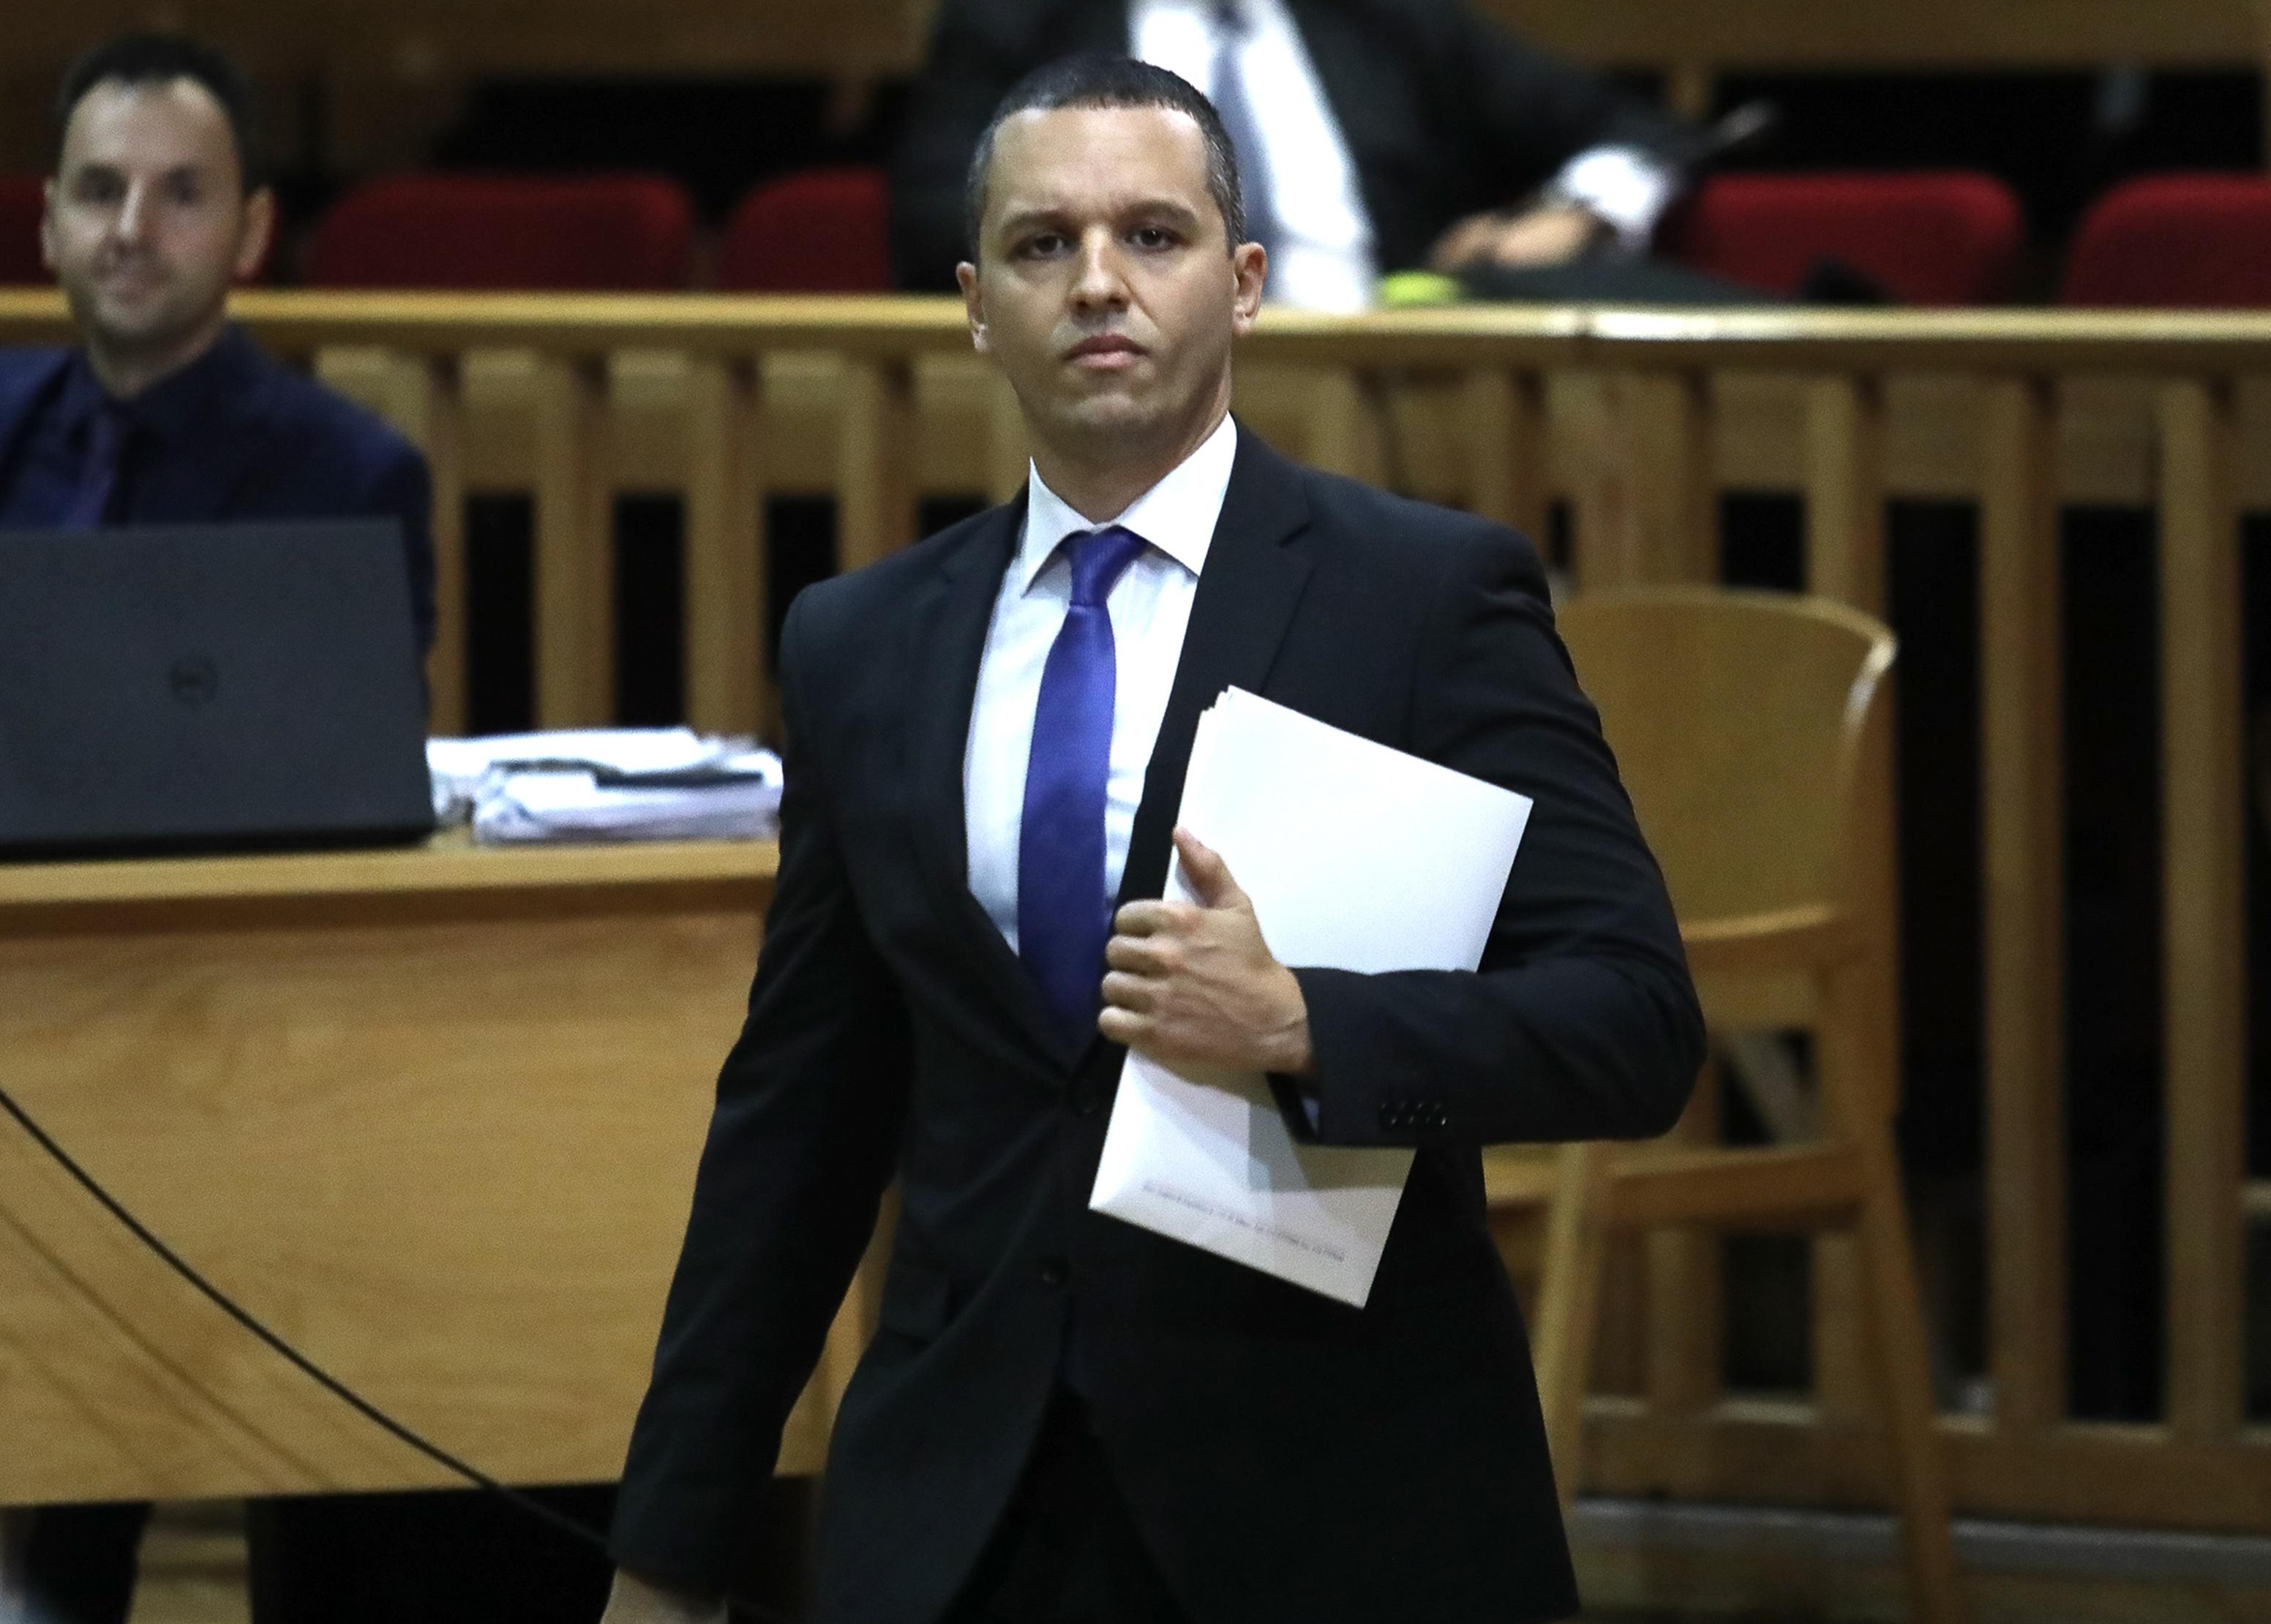 Δίκη Χρυσής Αυγής: Απολογείται ο Κασιδιάρης – Πλήθος κόσμου έξω από την αίθουσα [pics]